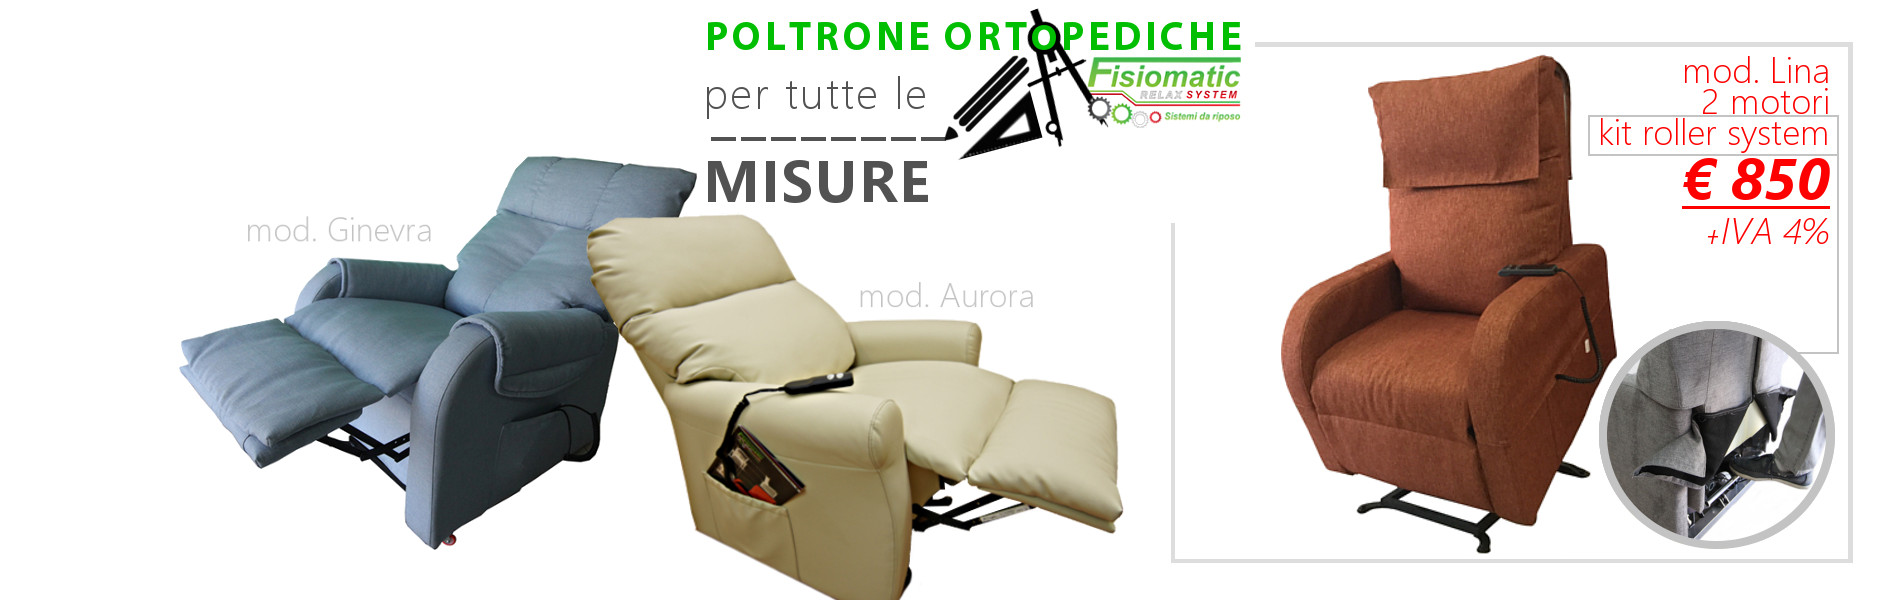 slide-Relax-System-poltrone-ortopediche-per-tutte-le-misure